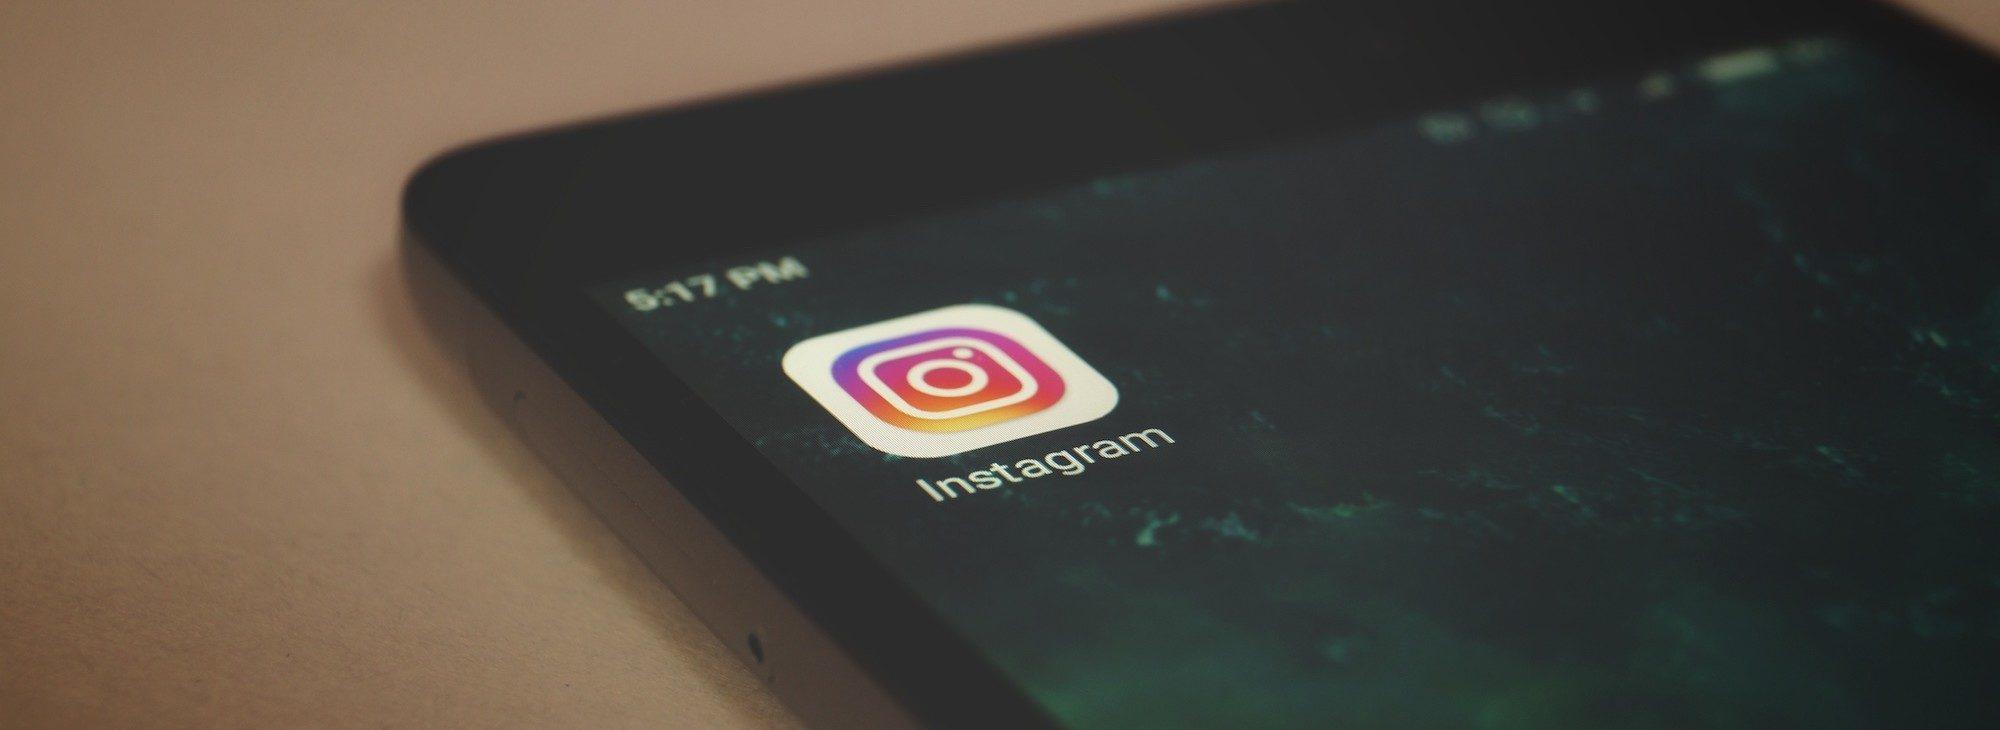 Sobre com Instagram s'està convertint en el nou Facebook